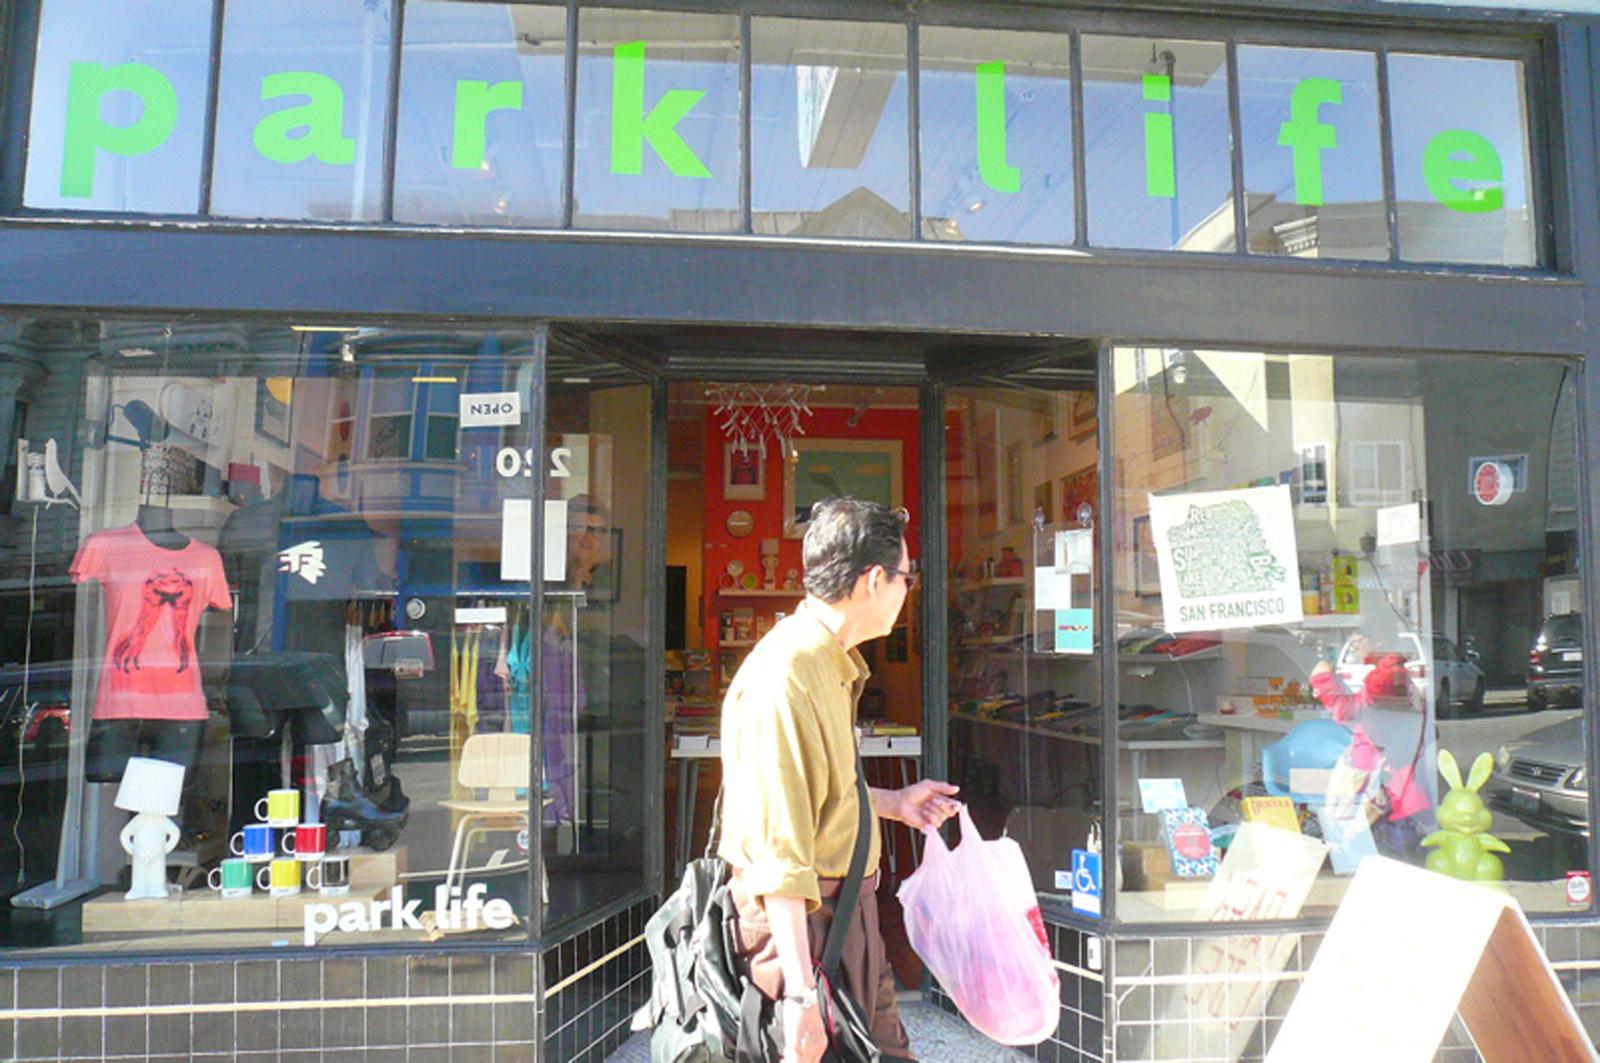 parklife shop exterior